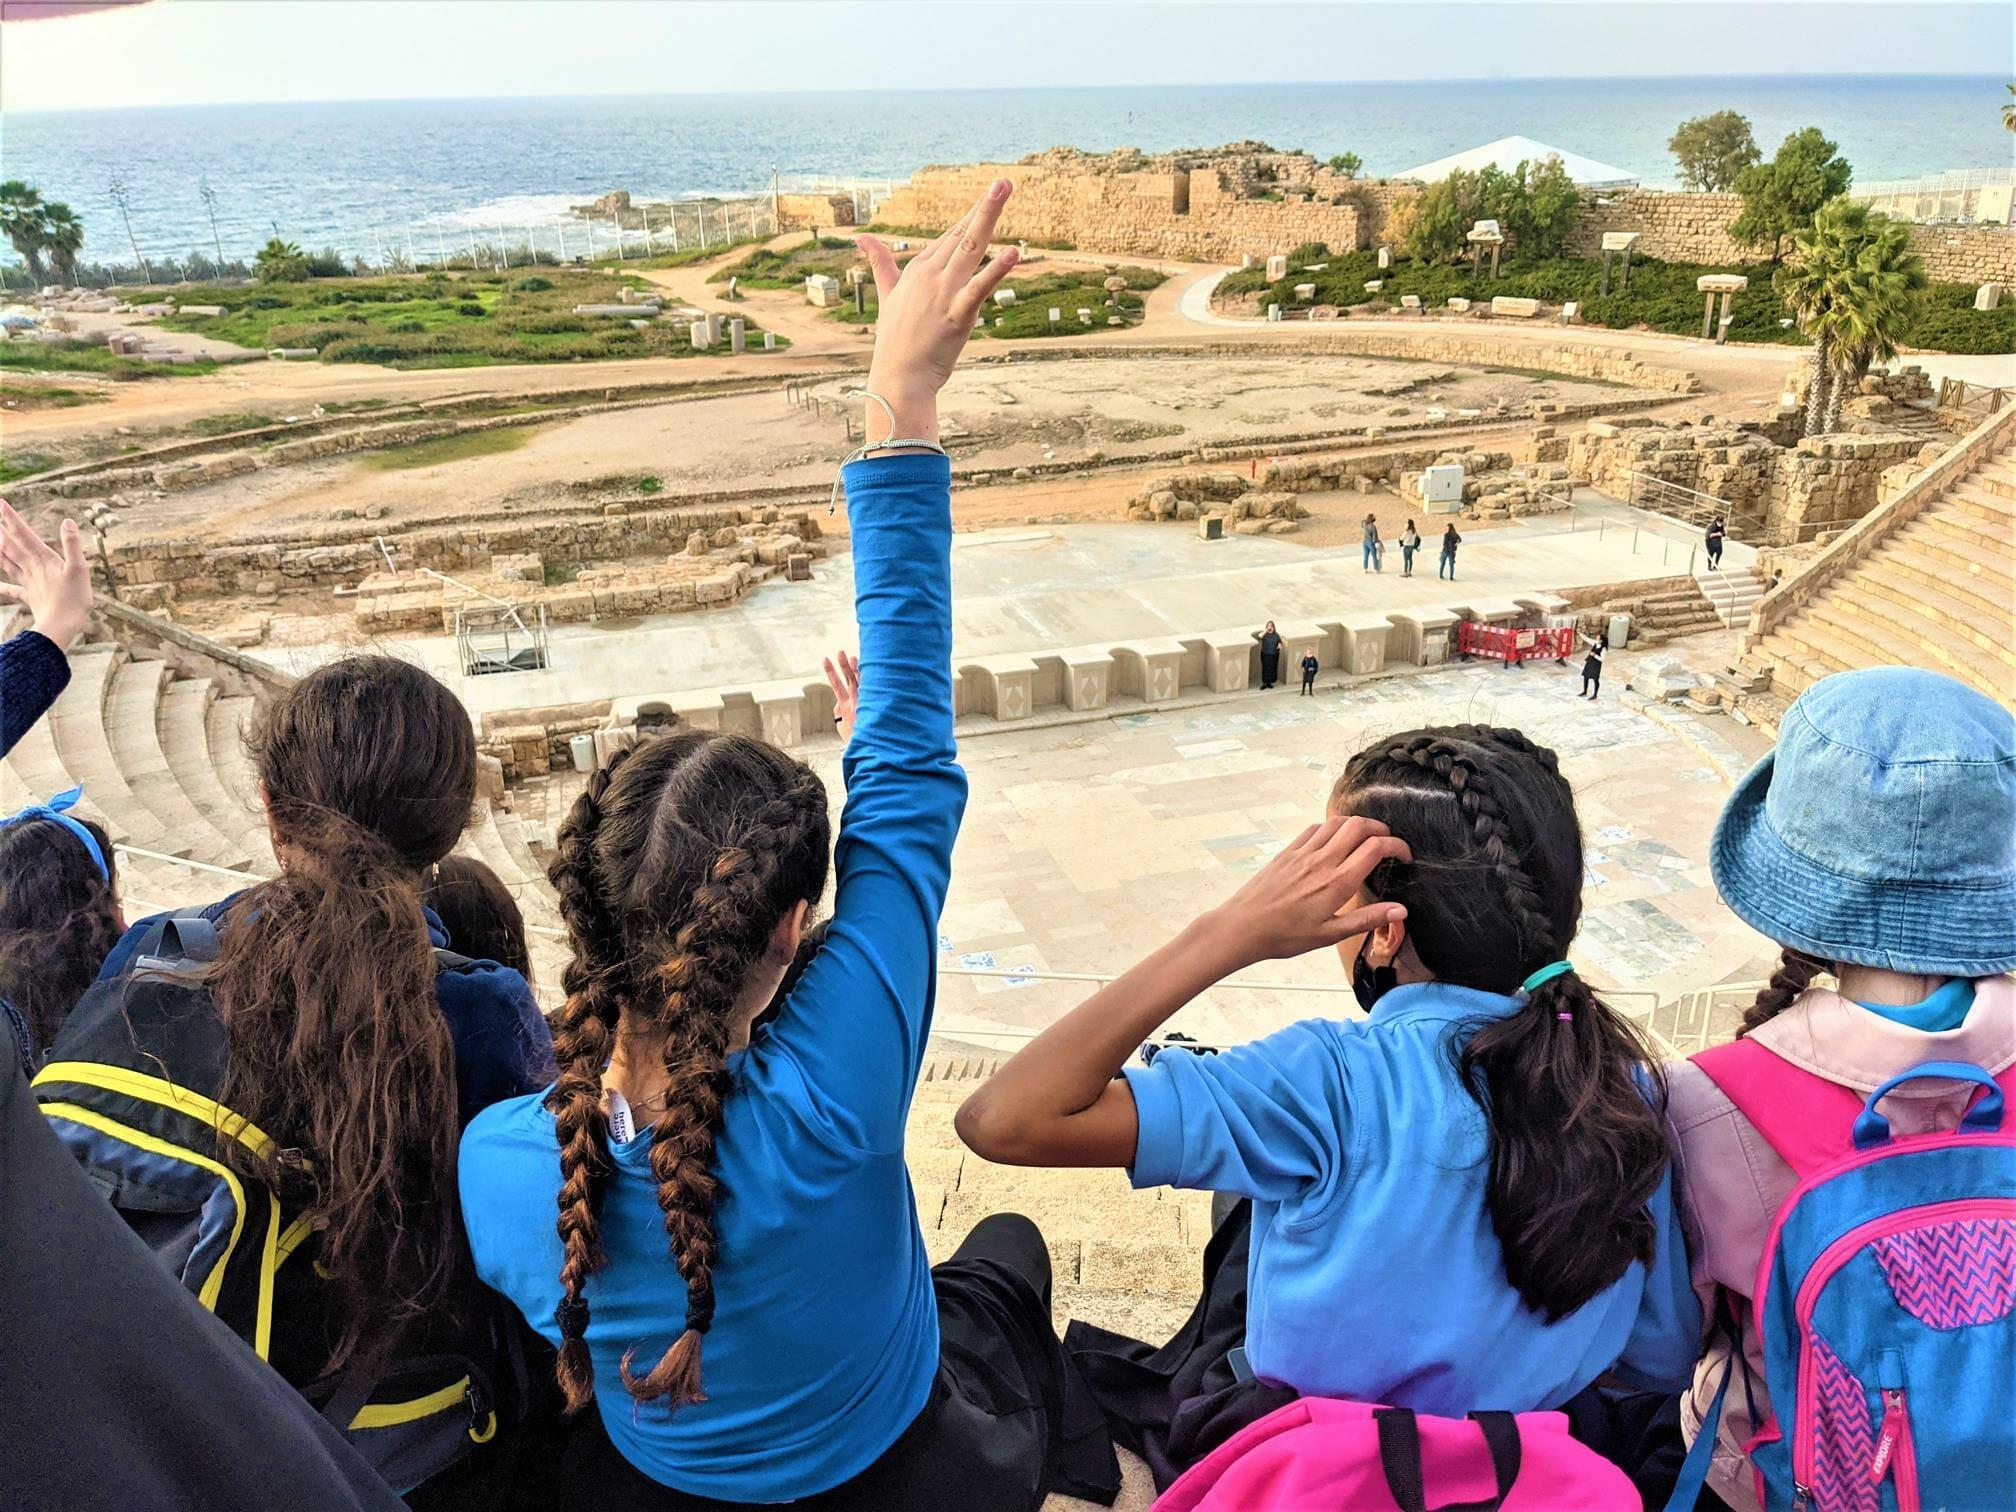 """יושבות במרומי התיאטרון הרומי - טיול חורף לתלמידות דתיות מירושלים, קיסריה העתיקה ונחל חדרה, צילום: ד""""ר ענת אביטל"""